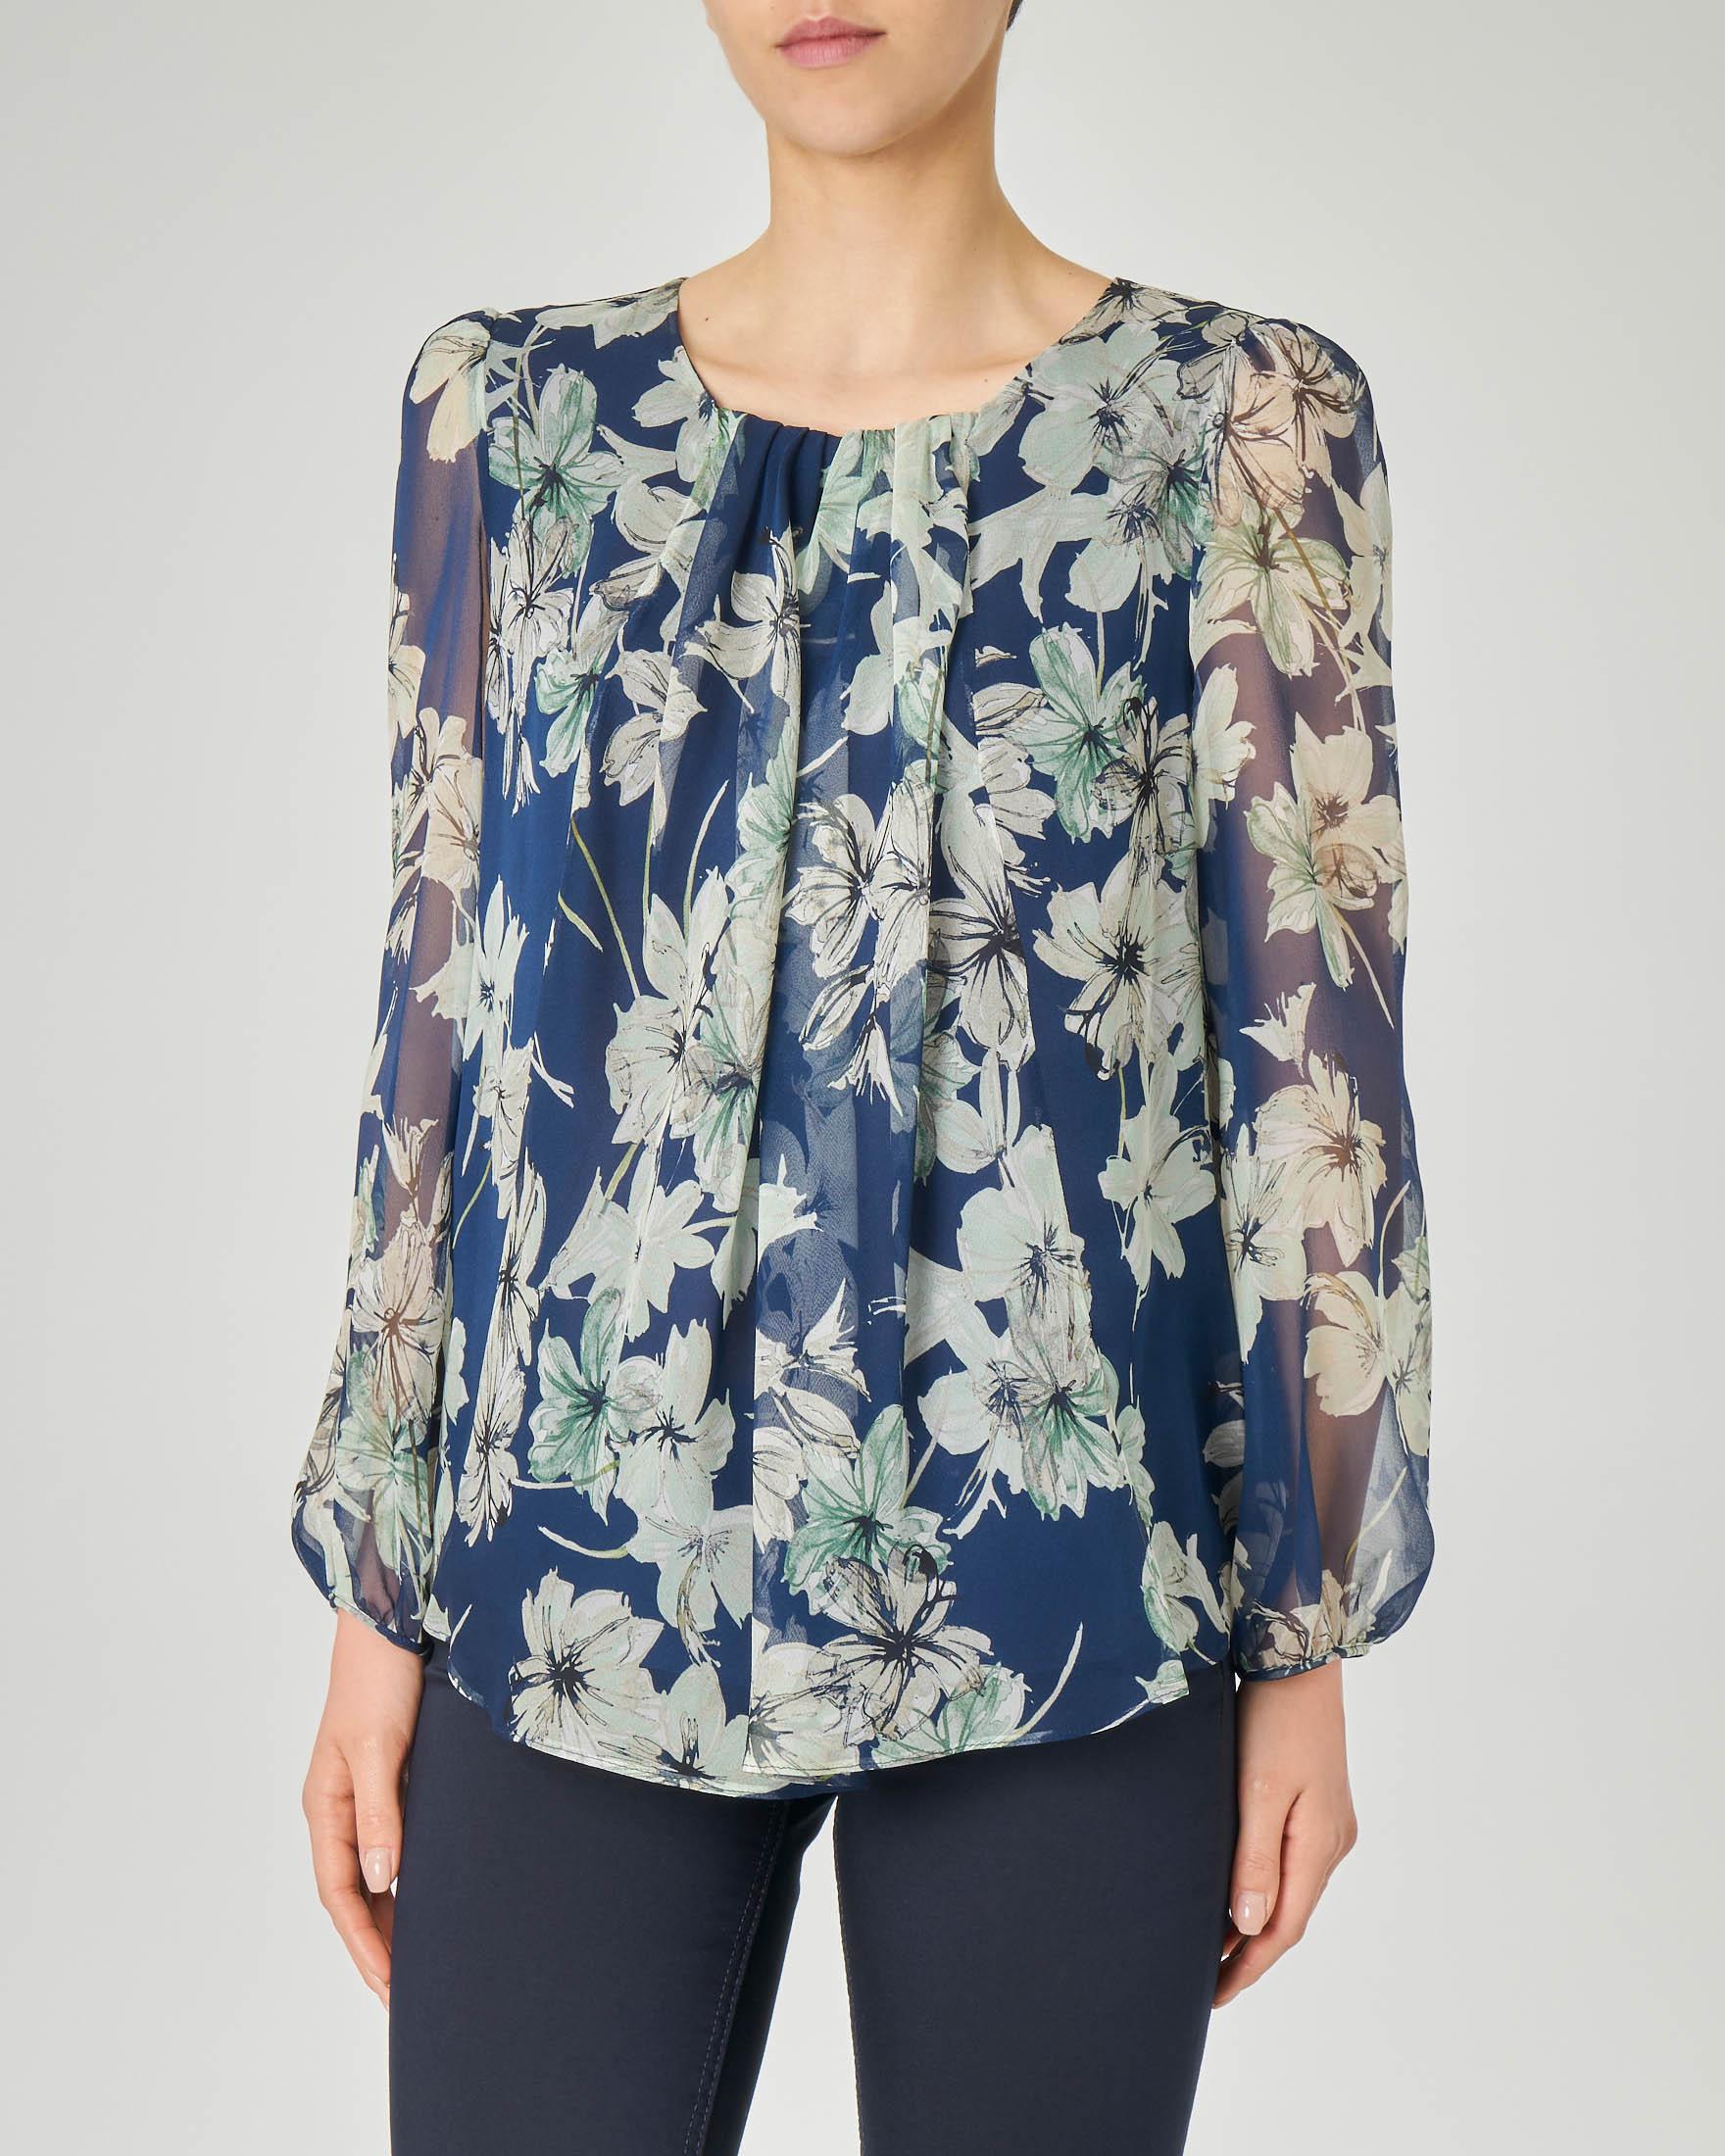 Blusa in seta blu a stampa floreale con maniche lunghe a palloncino